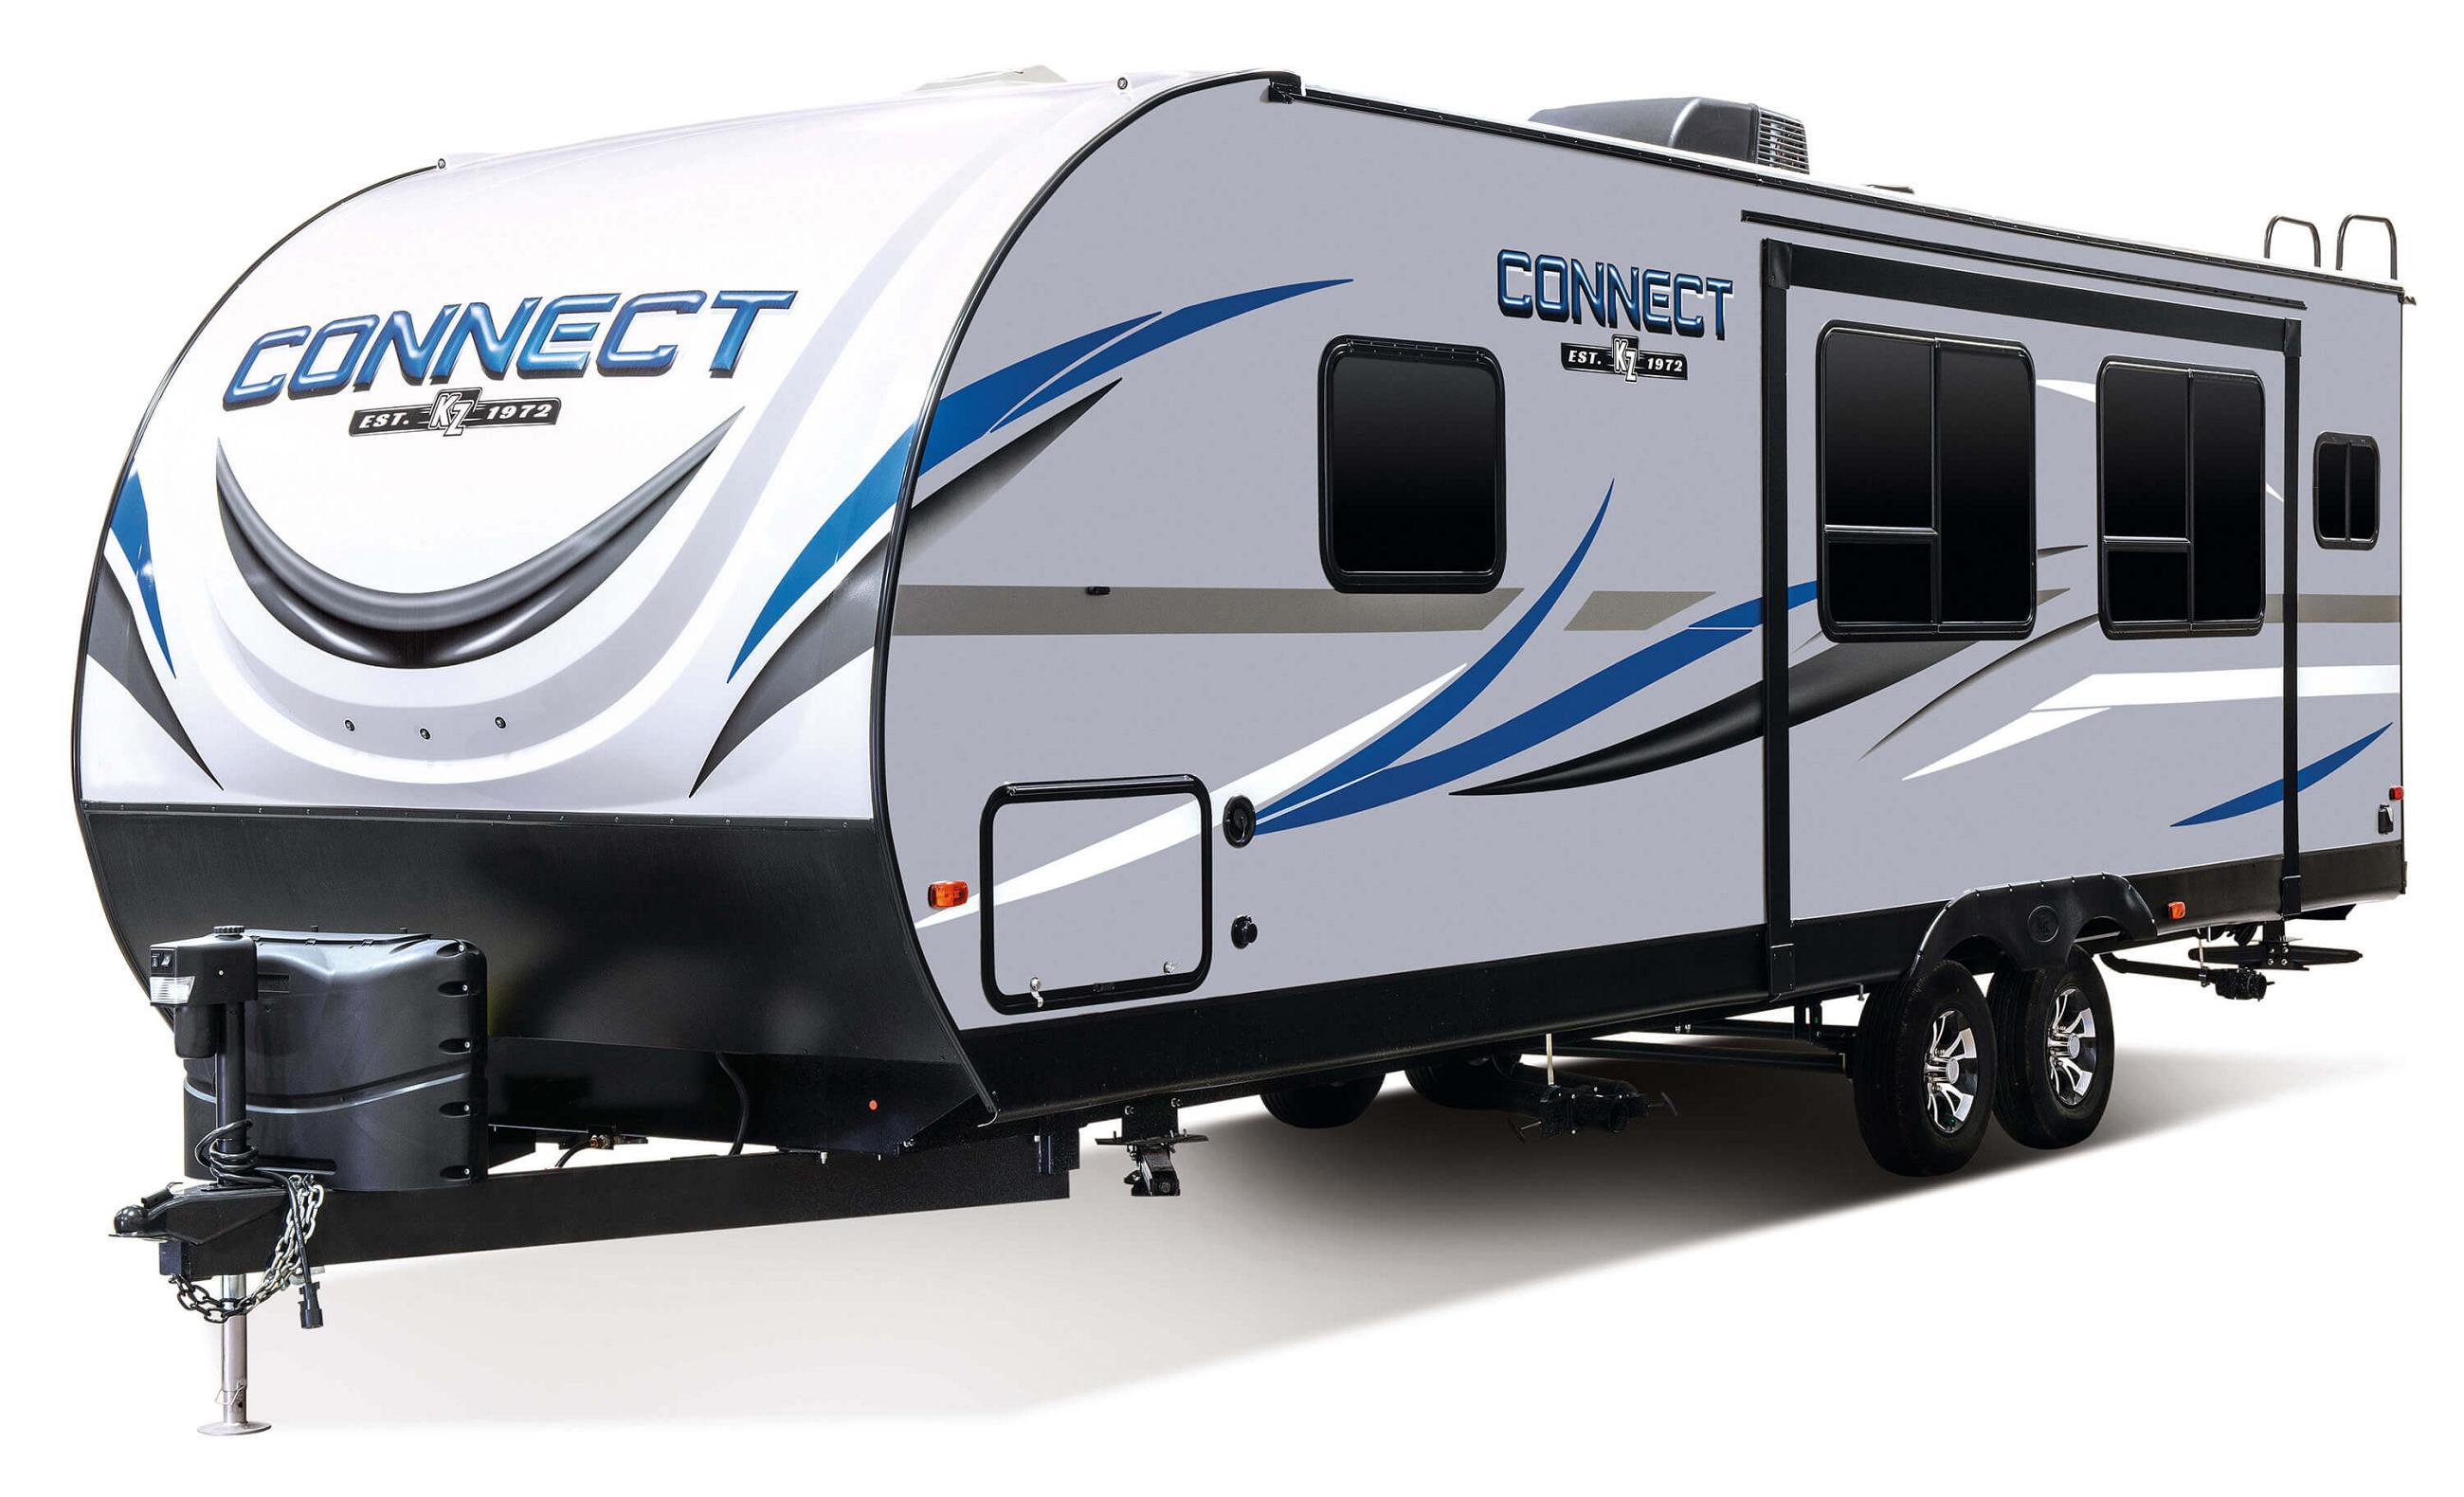 2020 Connect® C261RKK Travel Trailer | KZ RV